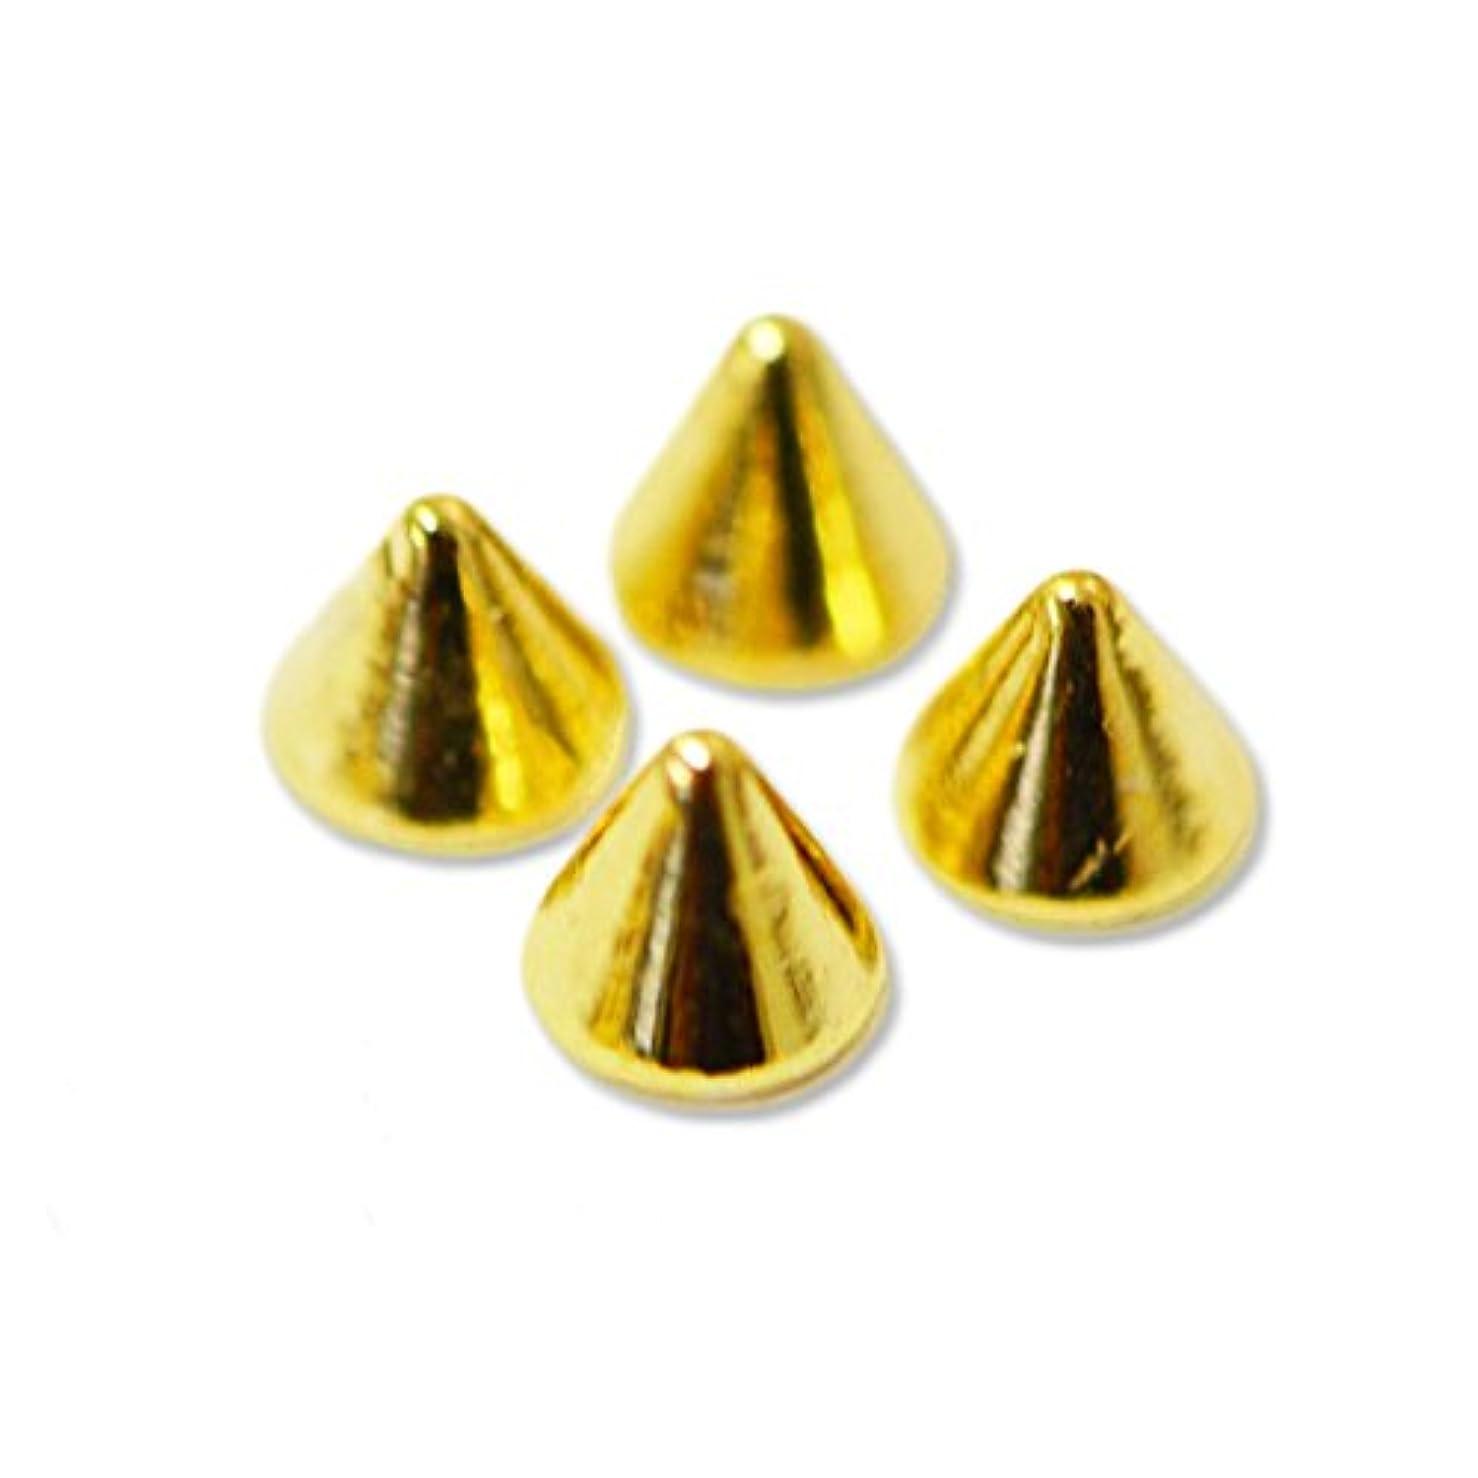 中絶ピジン誤解を招くジュエリーメタルパーツ ロックスタッズ 円錐形(コーン)の鋲 : 4個入り ゴールド 直径3mm×高さ2mm